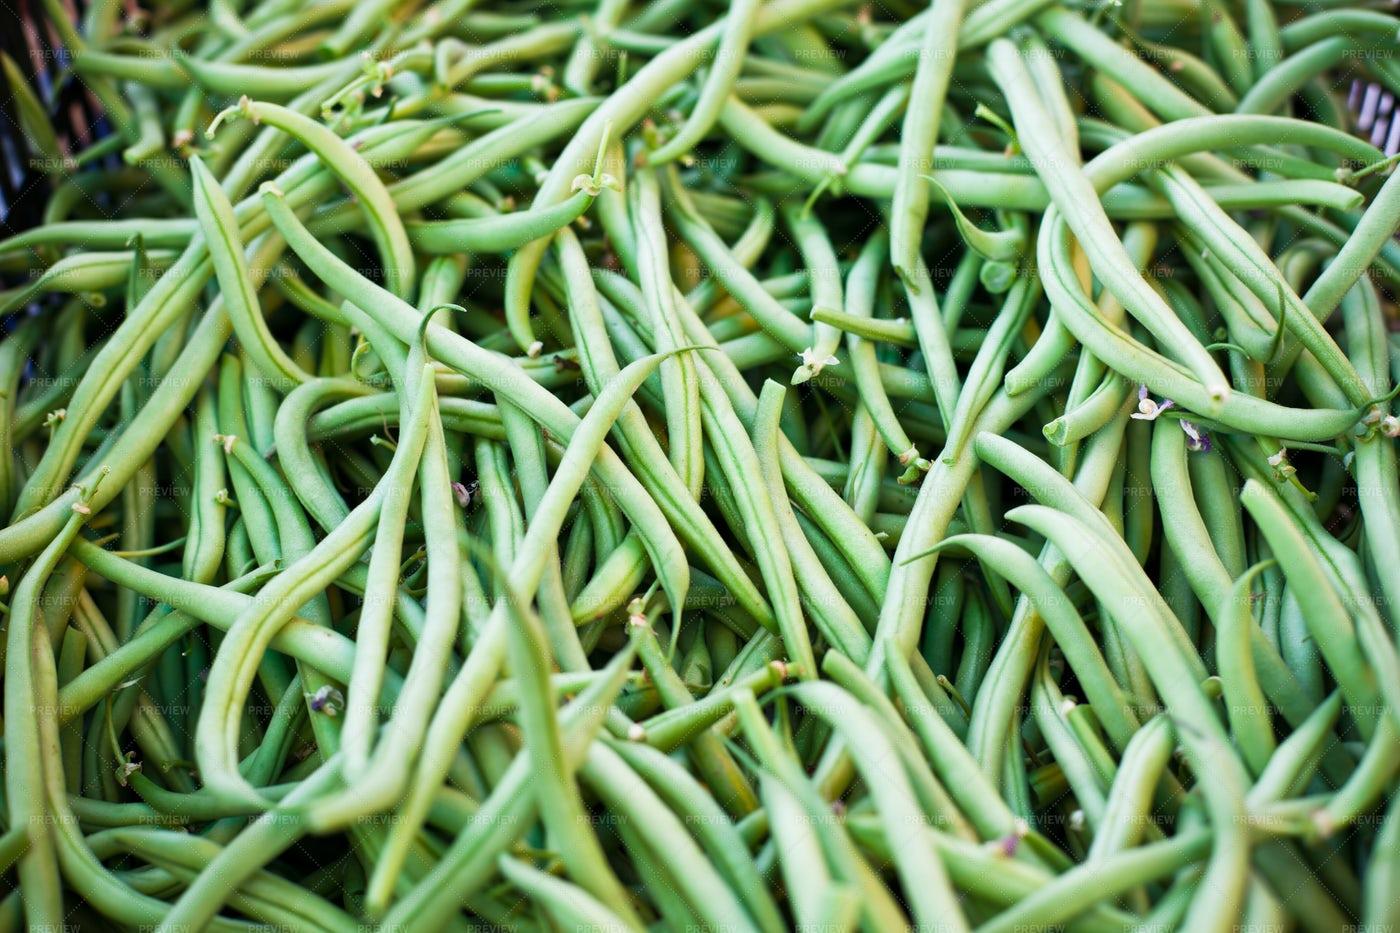 Green Beans: Stock Photos